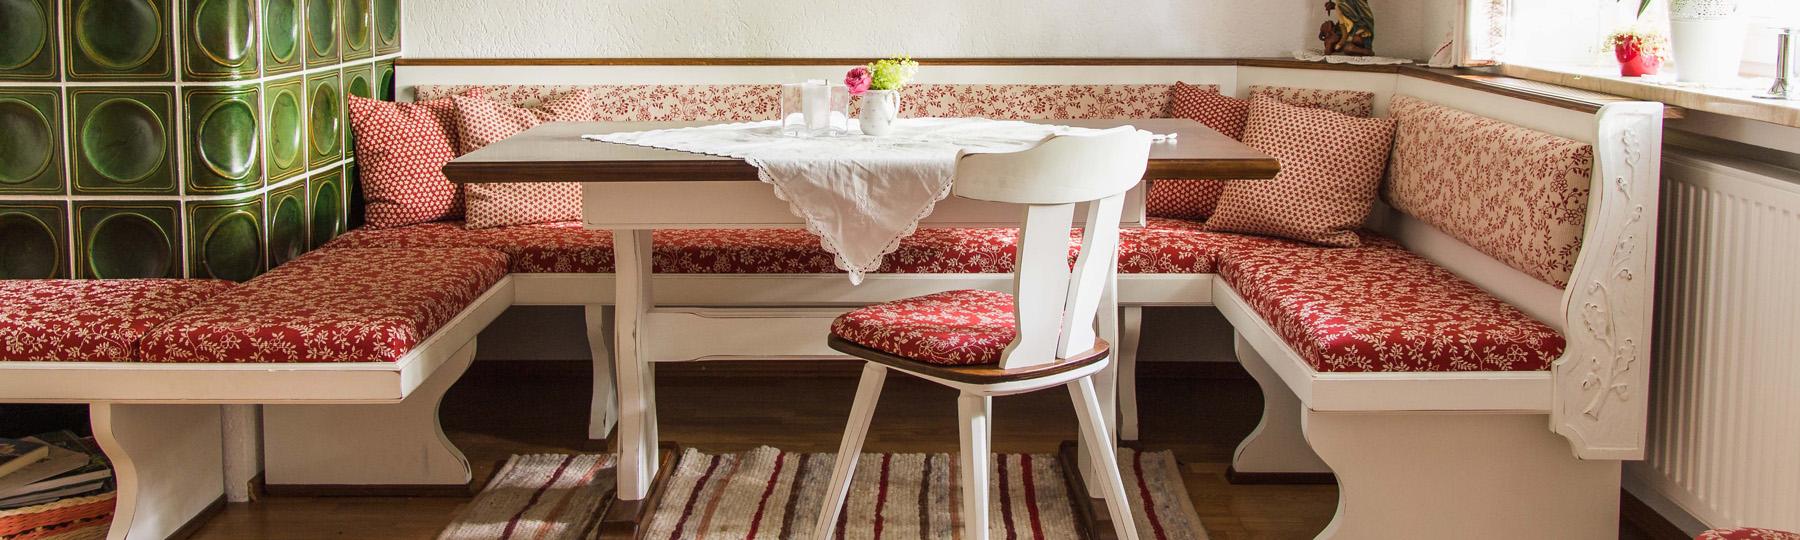 essen und wohnen schreinerei josef maier. Black Bedroom Furniture Sets. Home Design Ideas